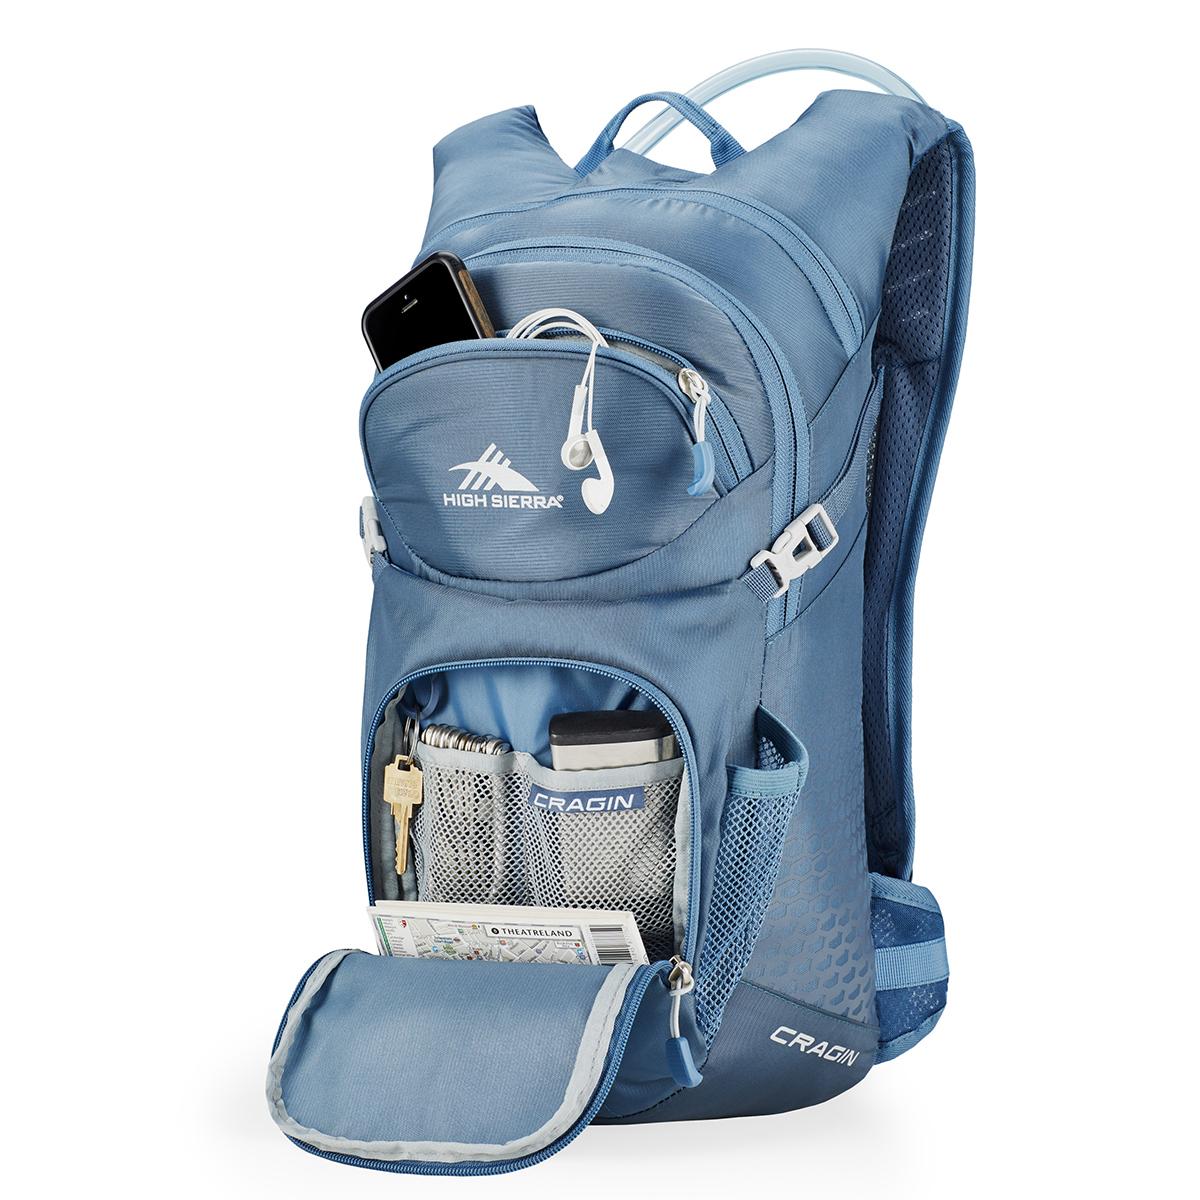 Costco: High Sierra mochila con kit de hidratación color azul